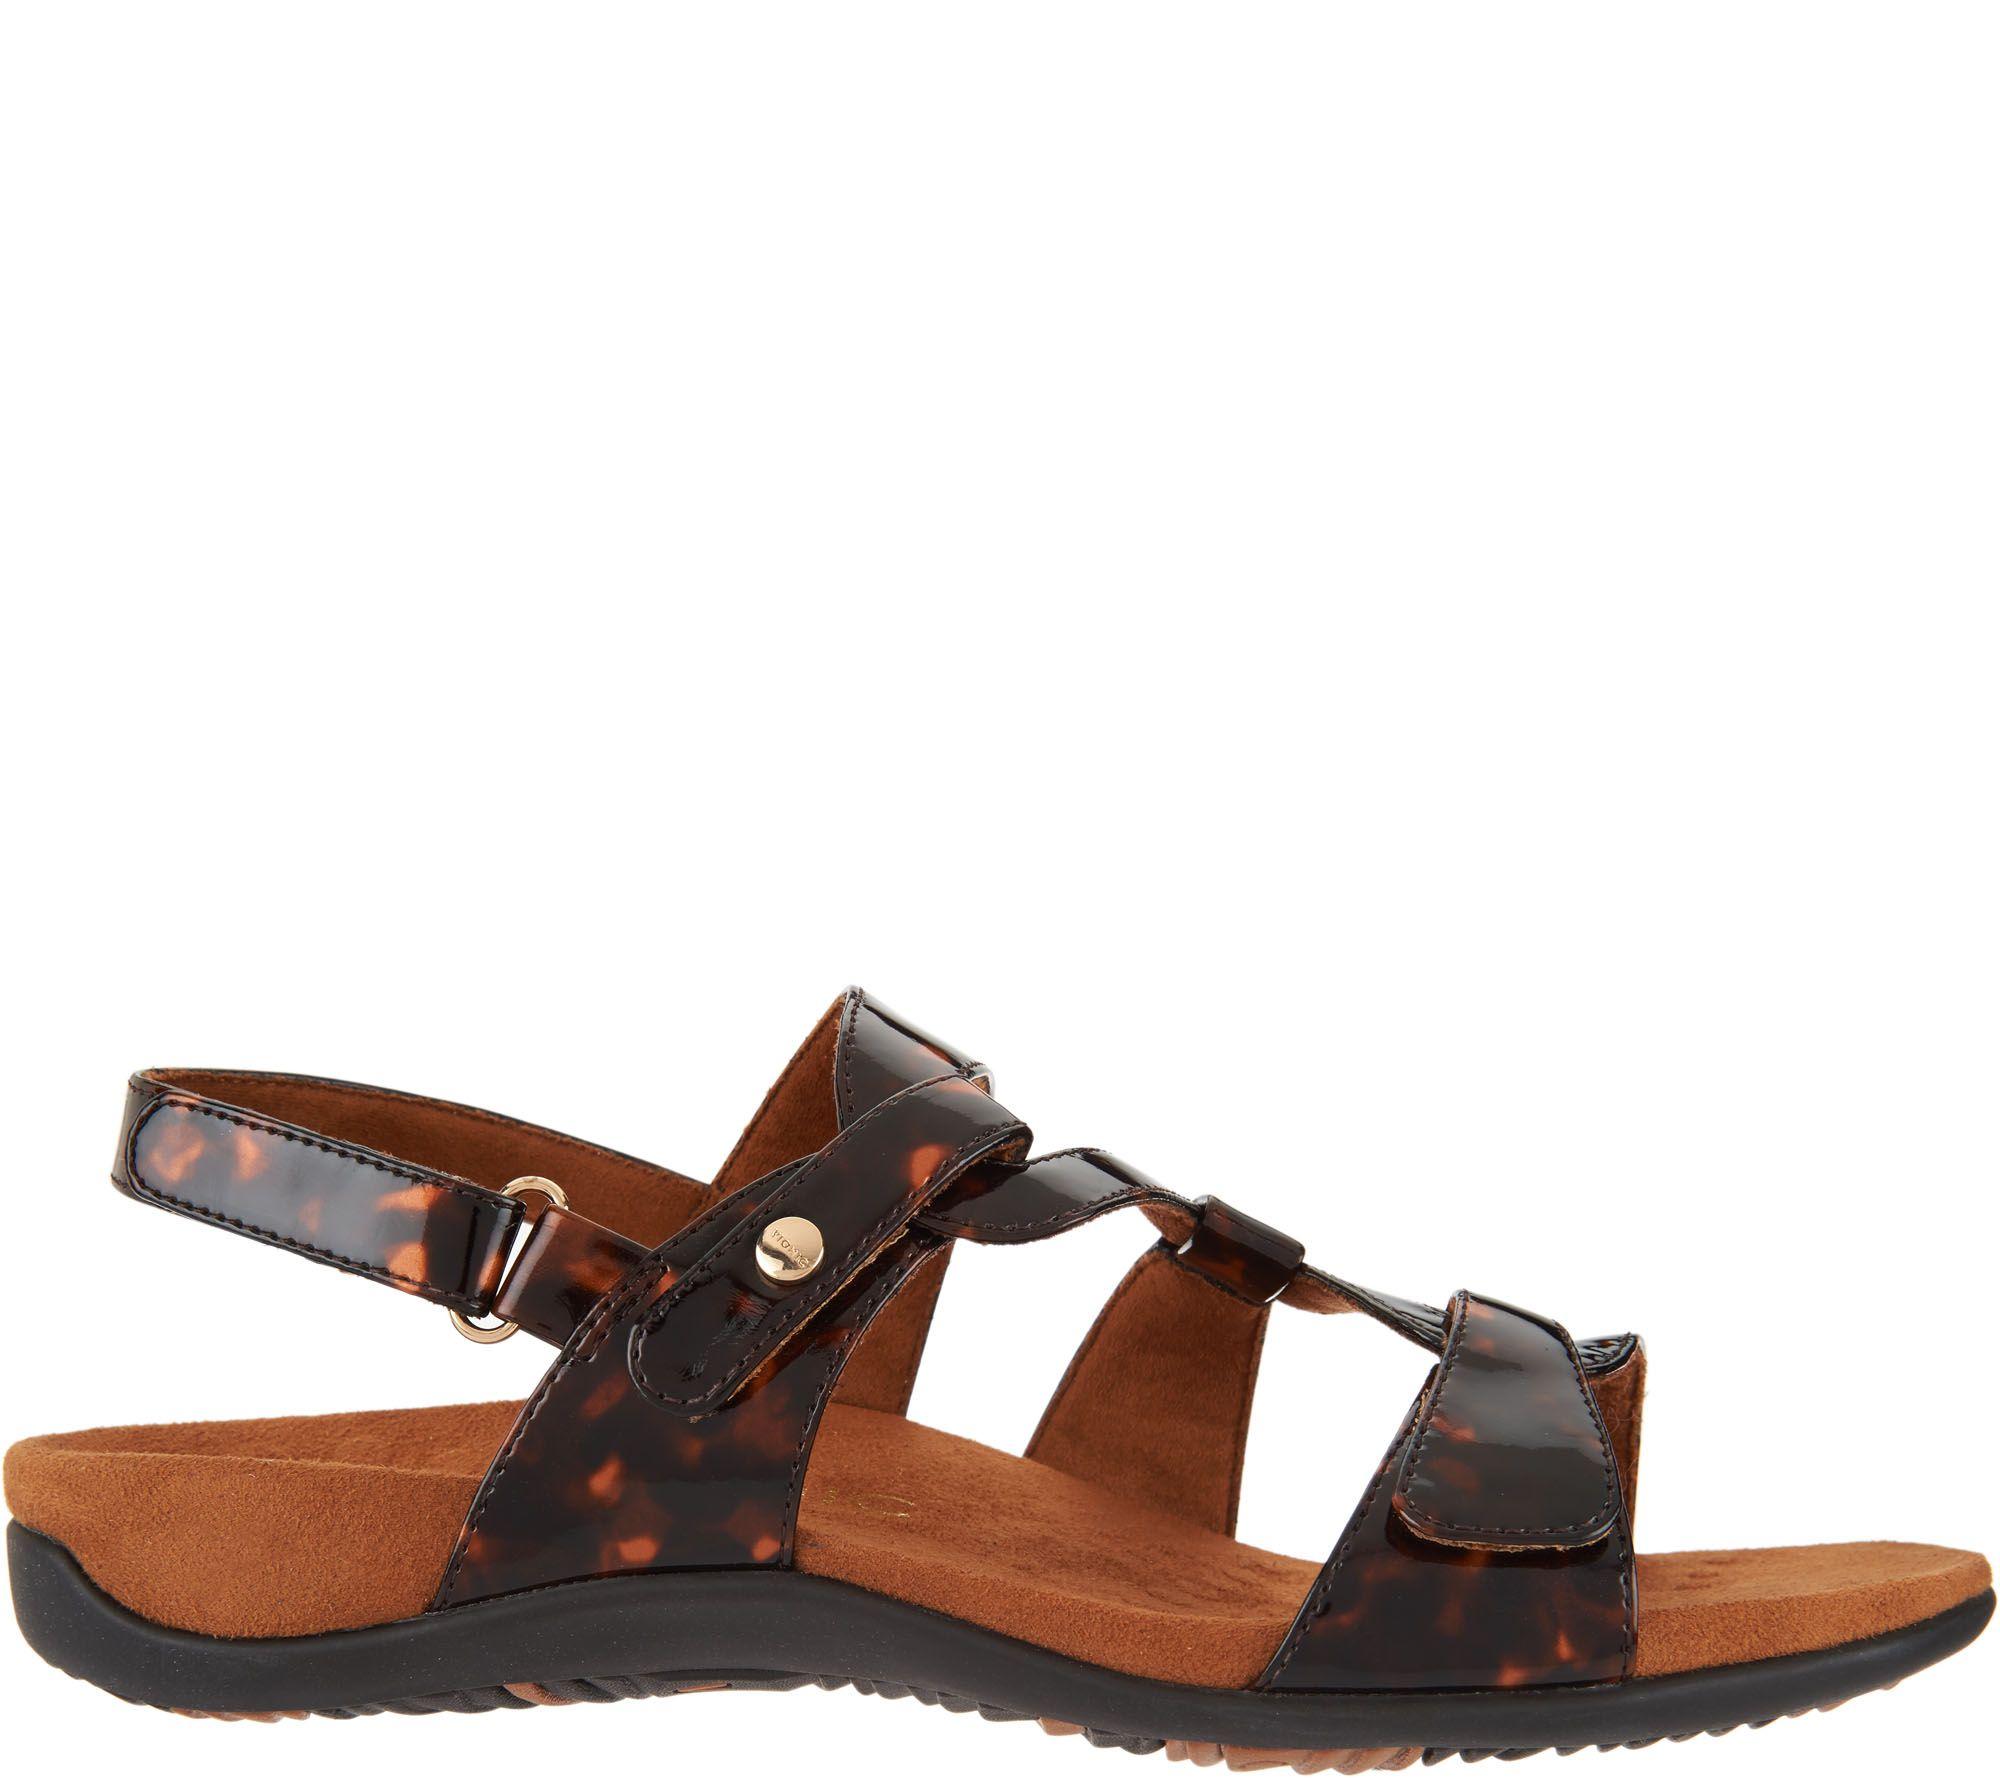 33c4e63ead4c Vionic Sandals with Backstrap - Paros - Page 1 — QVC.com